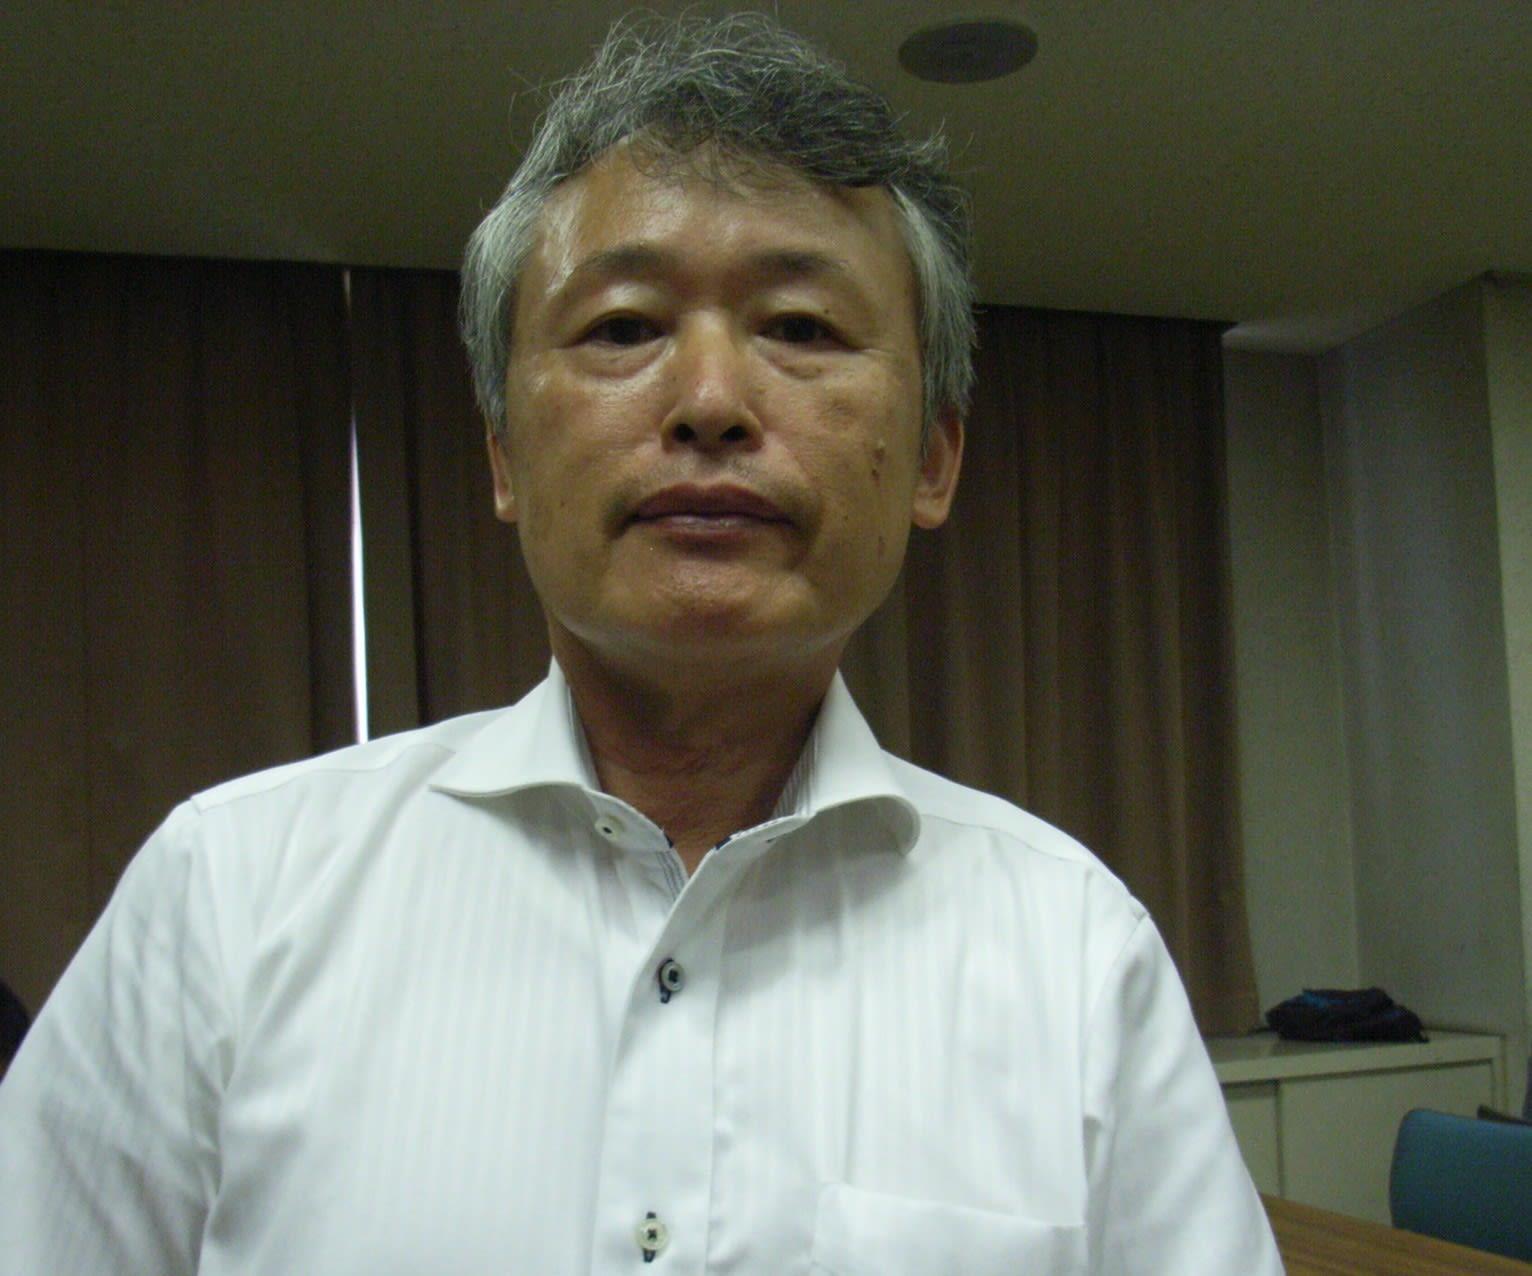 石田仁太郎 - JapaneseClass.jp